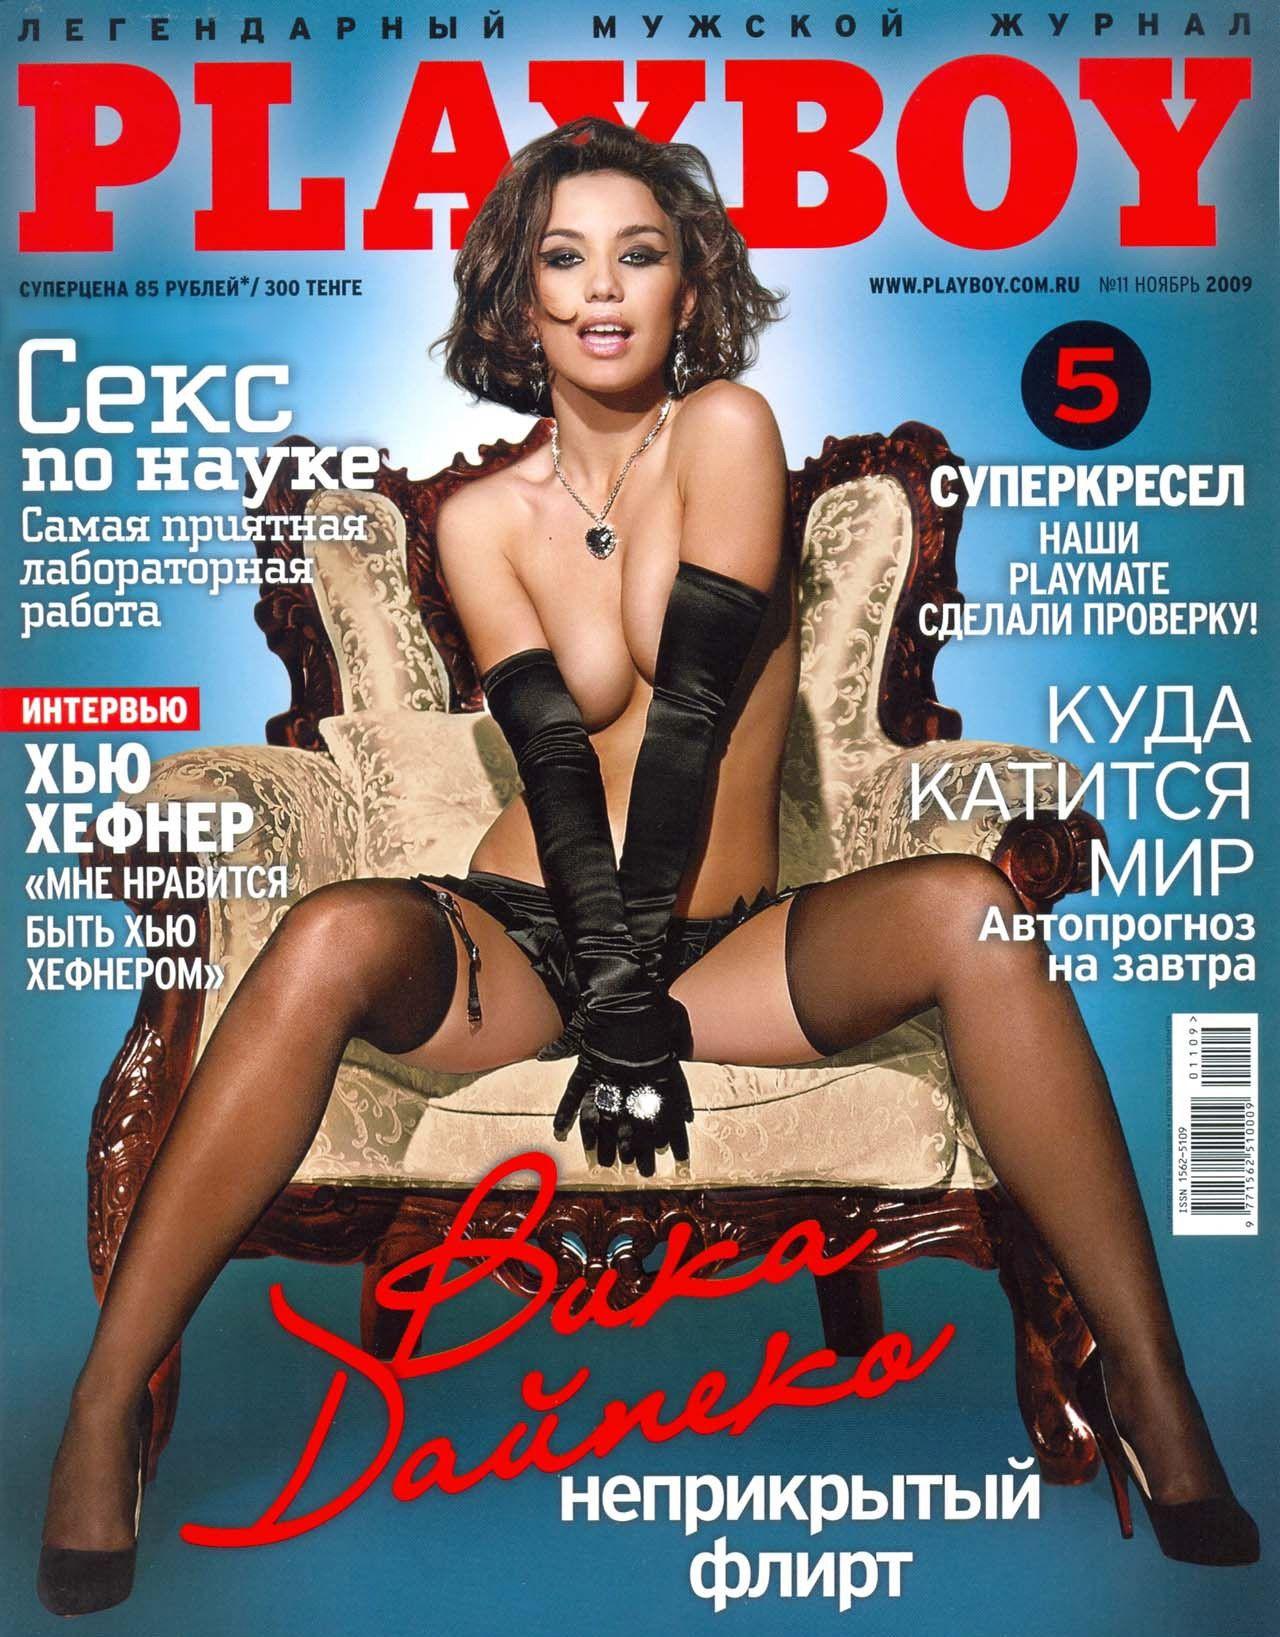 Мужской журнал эротический  фото обнаженных и голых девушек